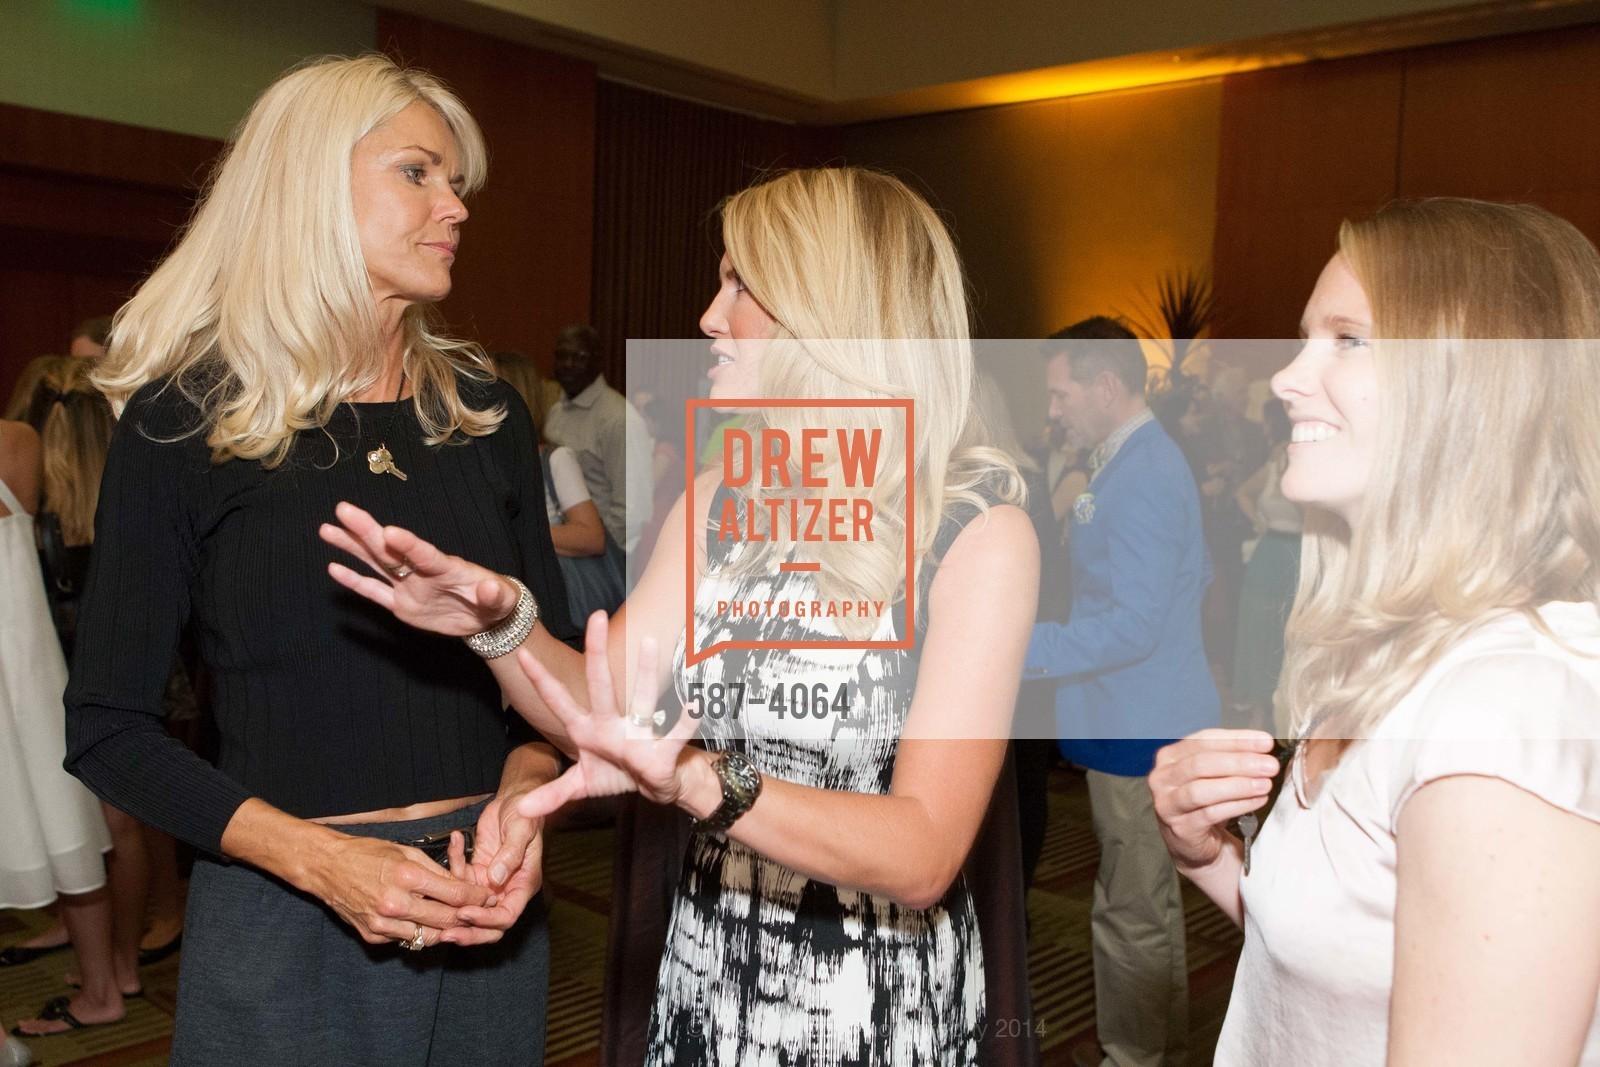 Jennifer Montana, Sarah Harbaugh, Danielle York, Photo #587-4064